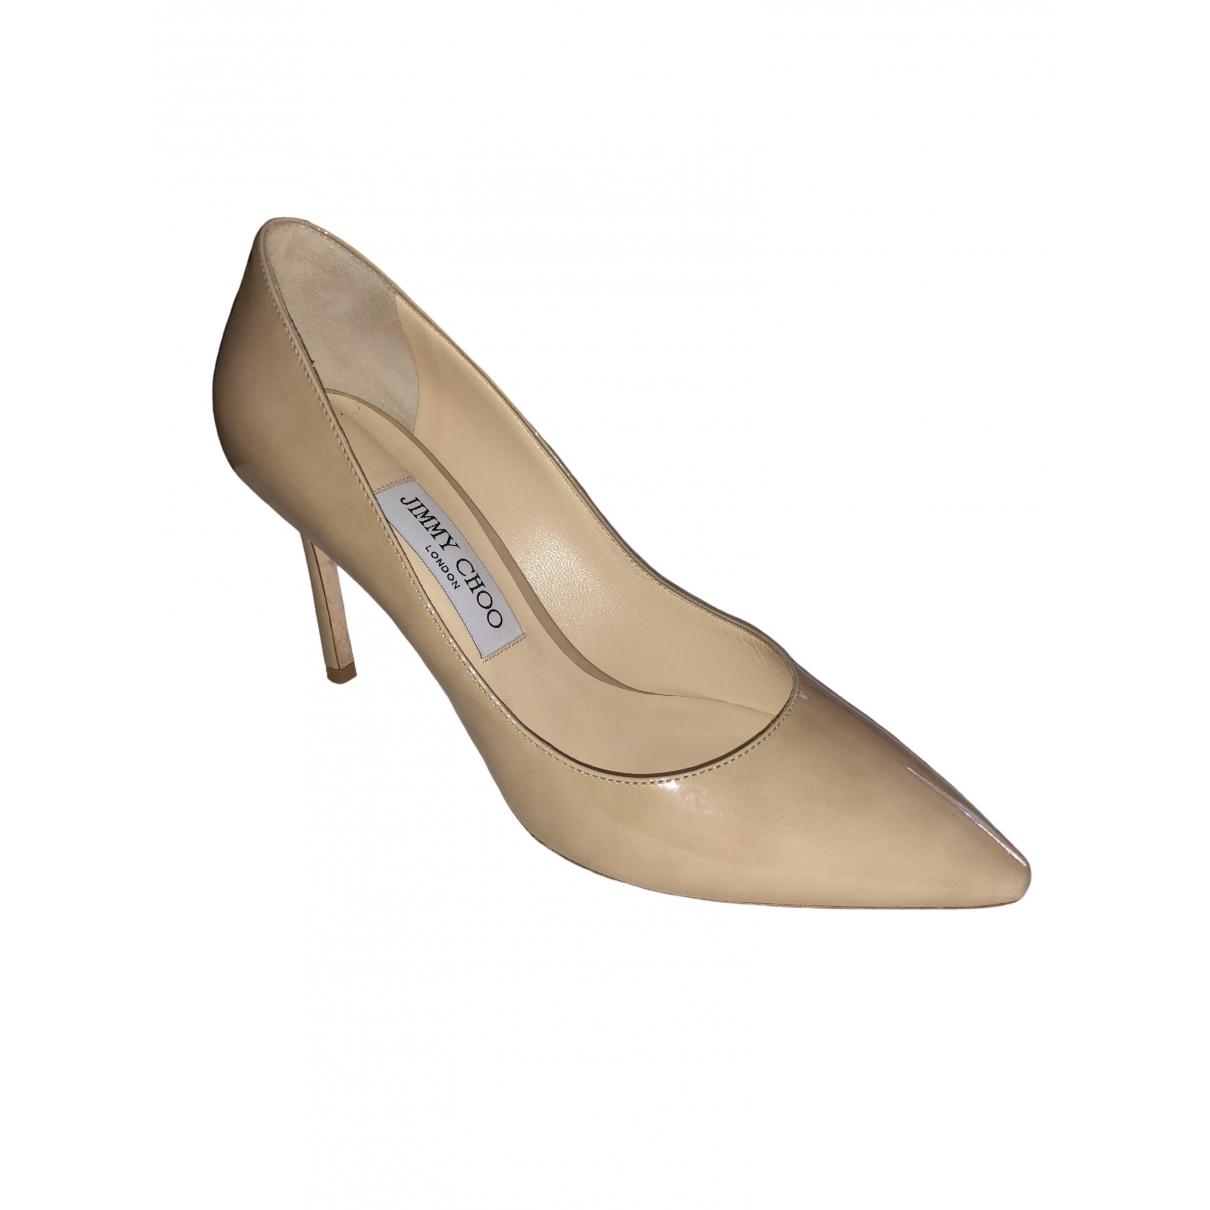 Jimmy Choo Romy Beige Patent leather Heels for Women 38 EU